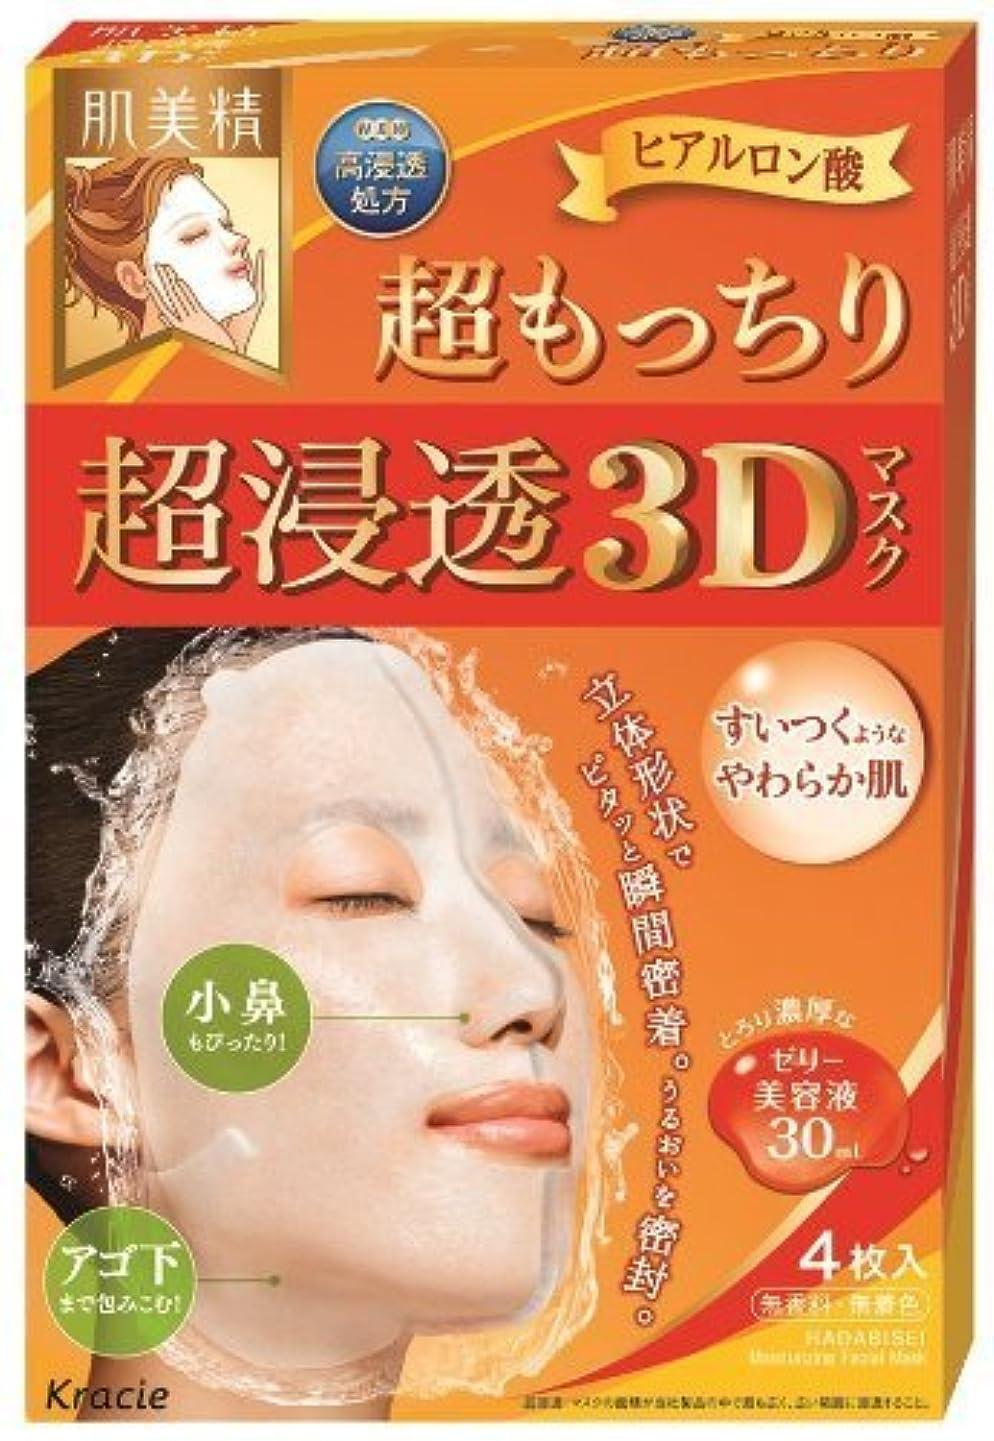 放映遺伝子クリープ肌美精 超浸透3Dマスク 超もっちり